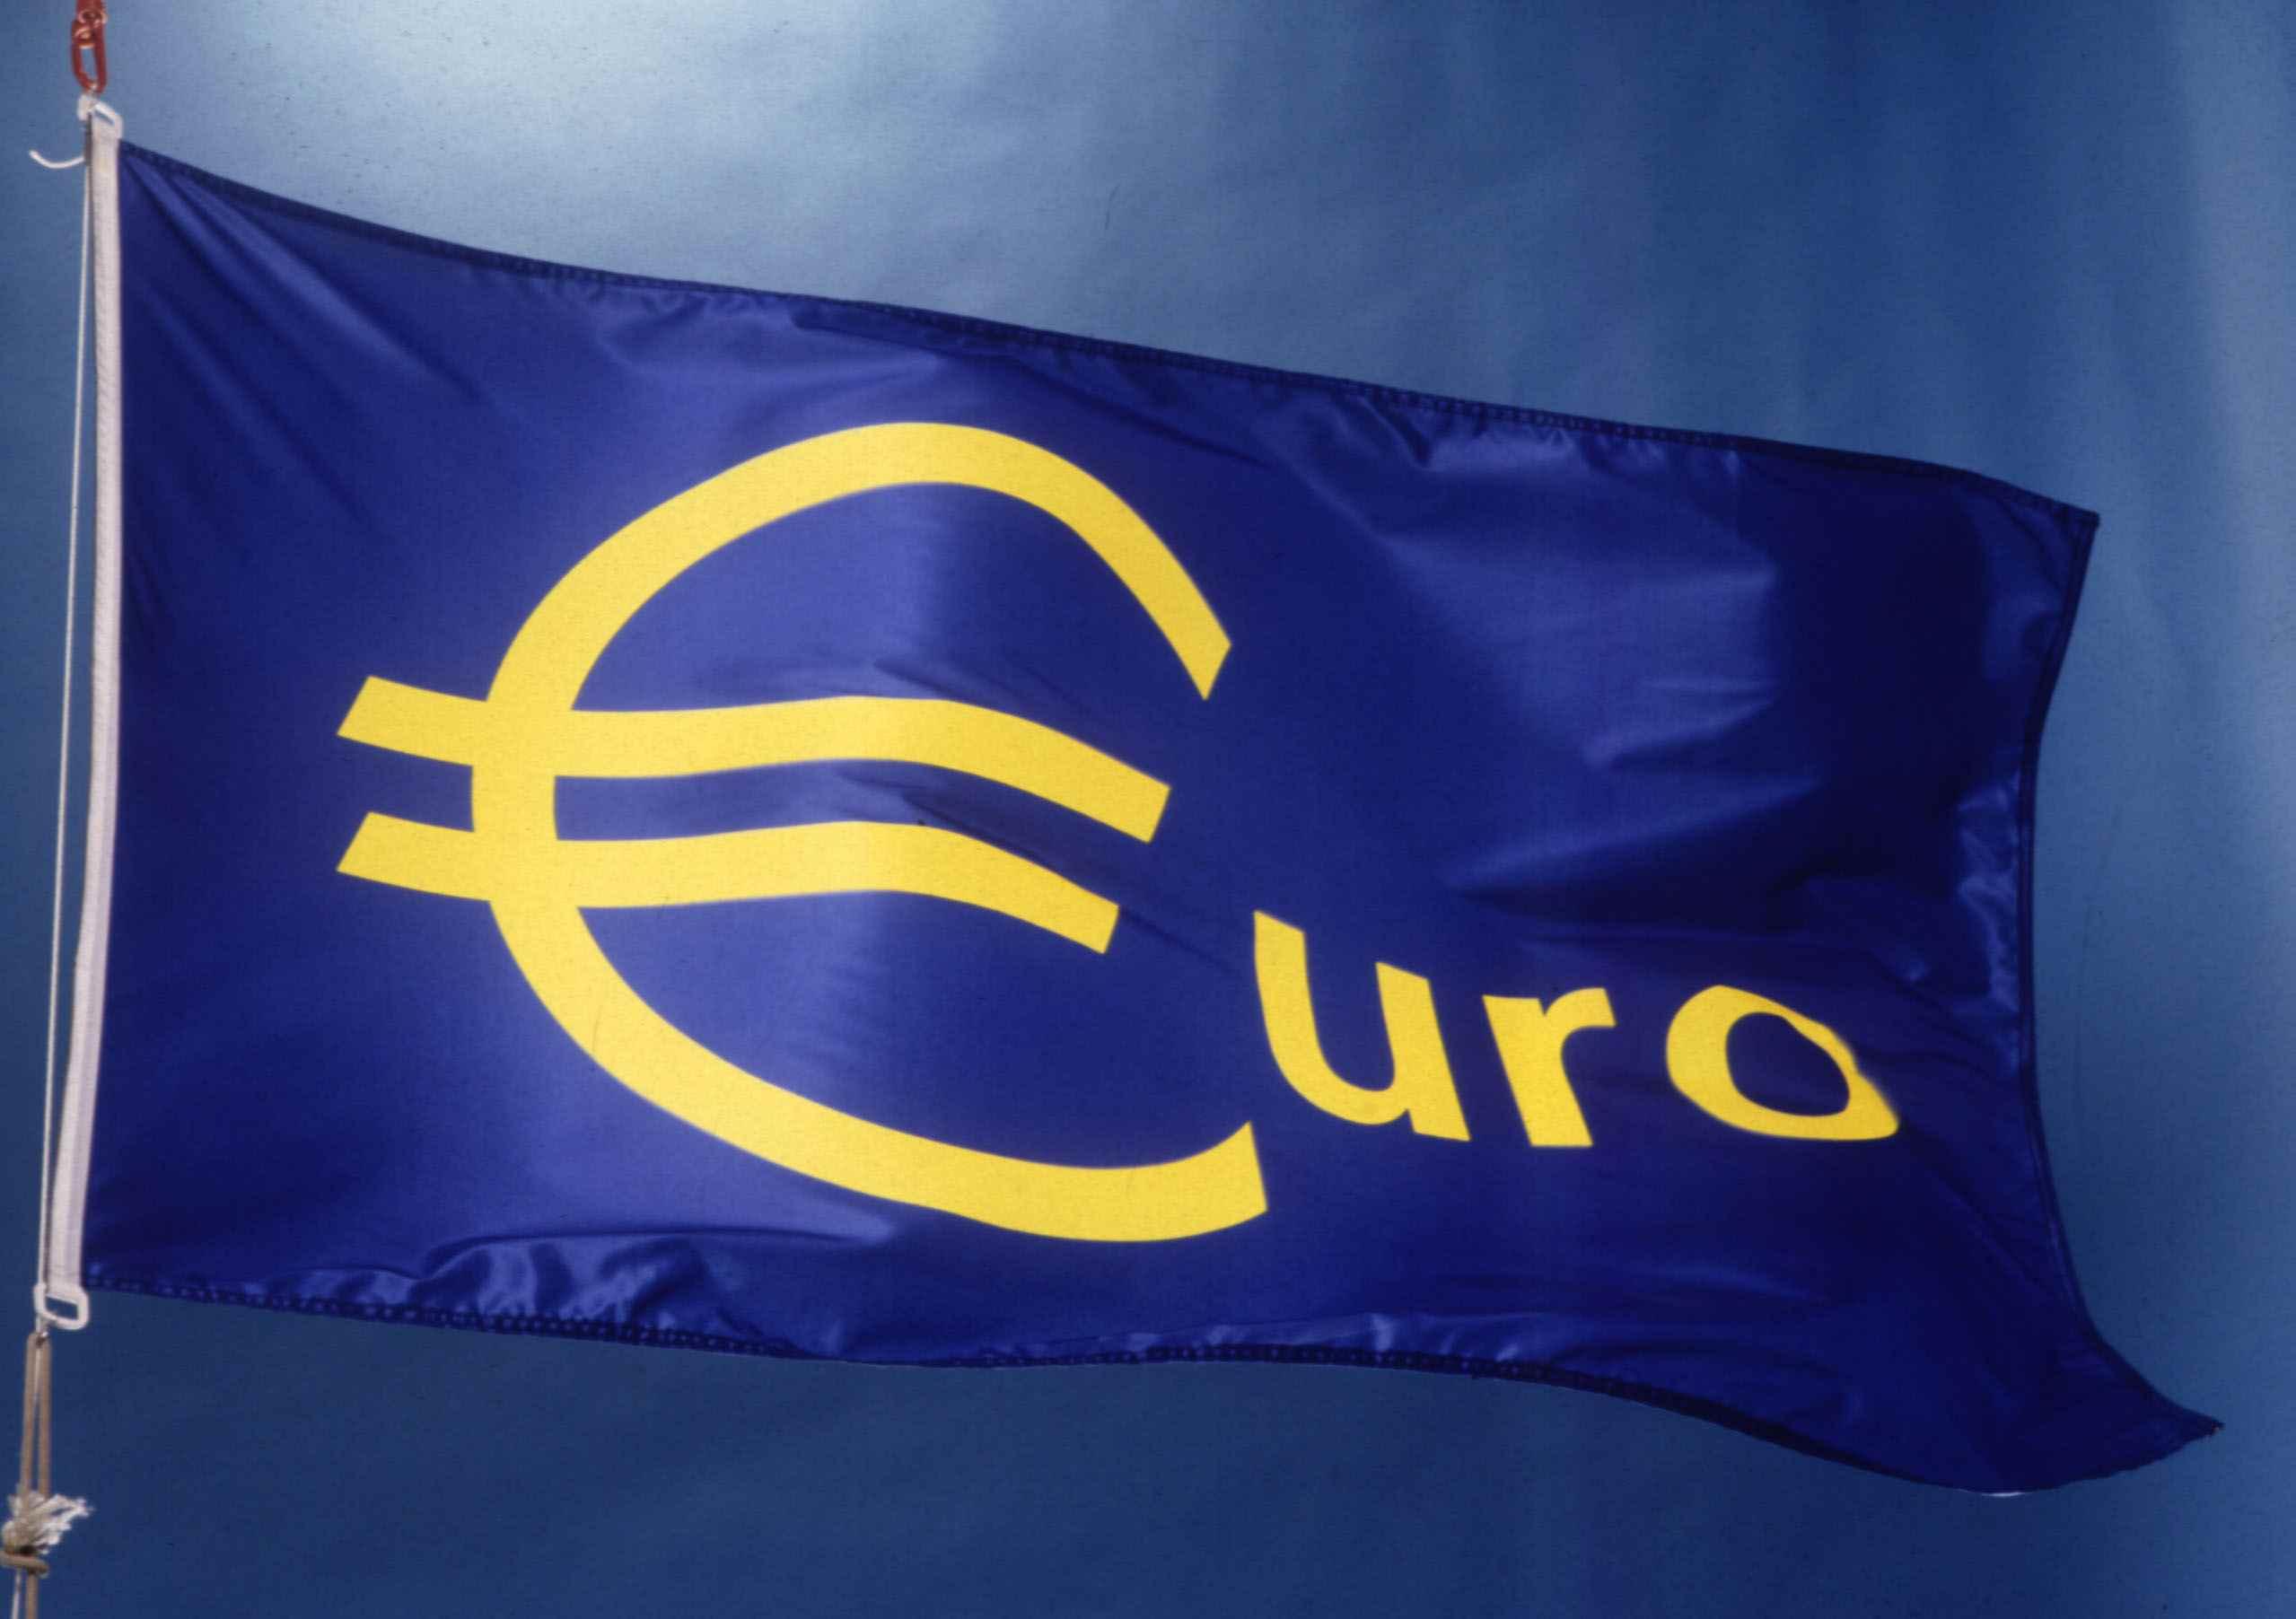 اليورو يصل لأعلى مستوياته منذ نوفمبر بفعل أرقام التضخم